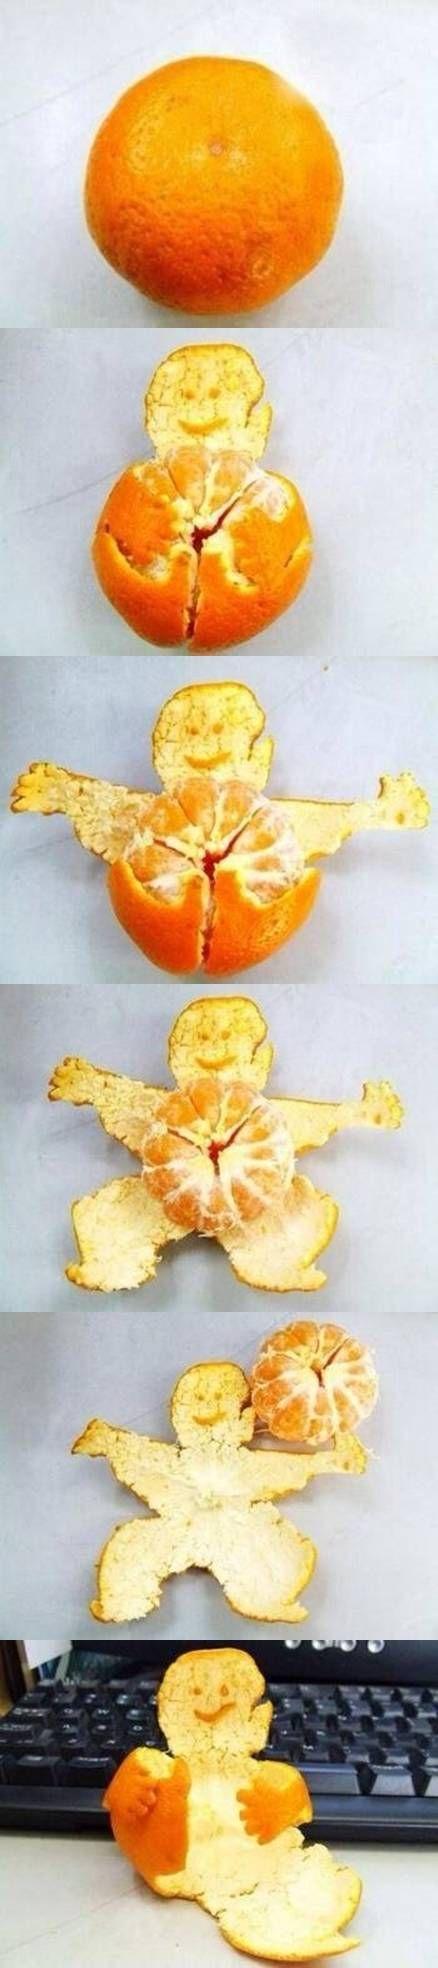 DIY Cool Way of Peeling a Tangerine